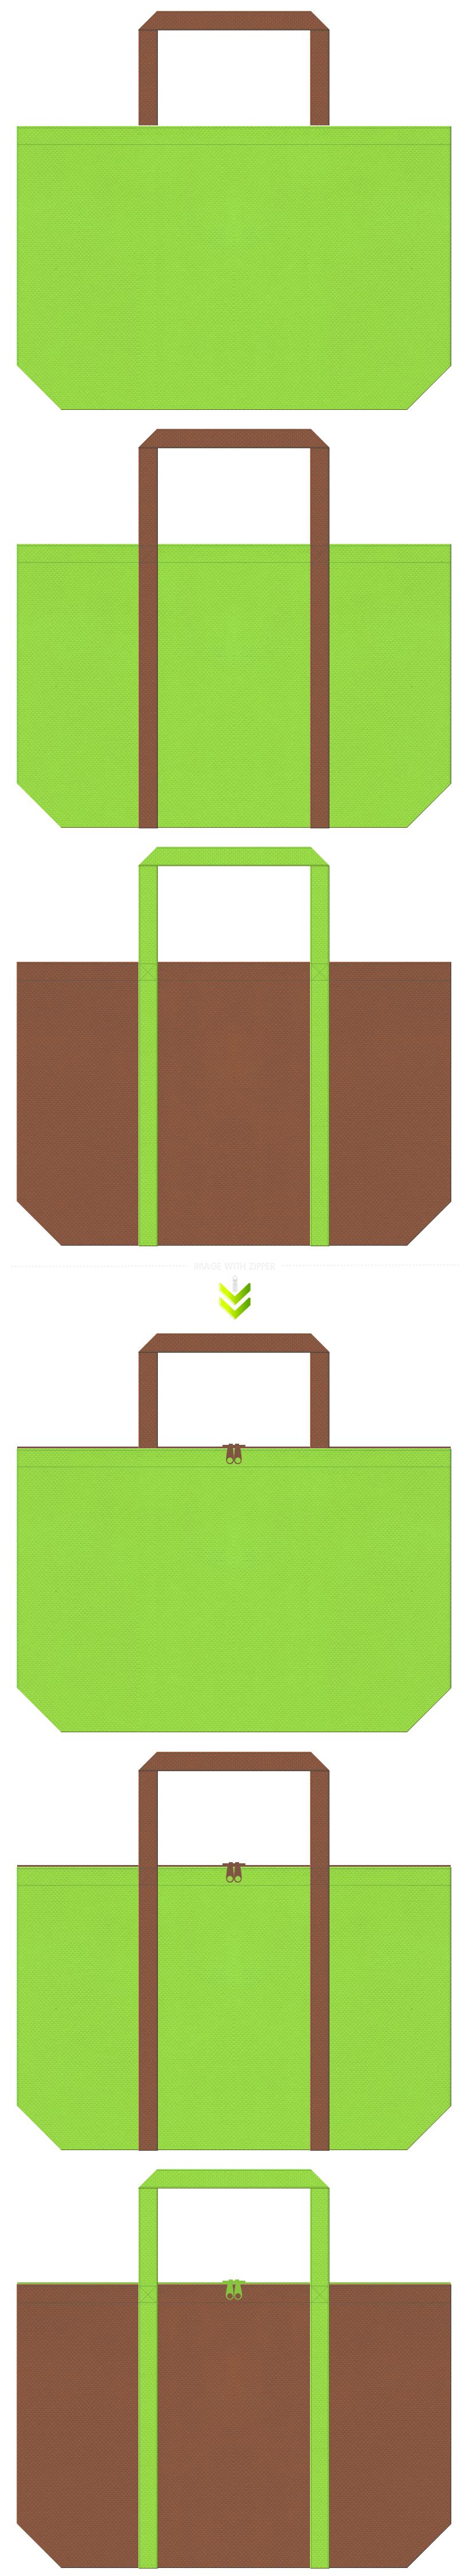 黄緑色と茶色の不織布エコバッグのデザイン。